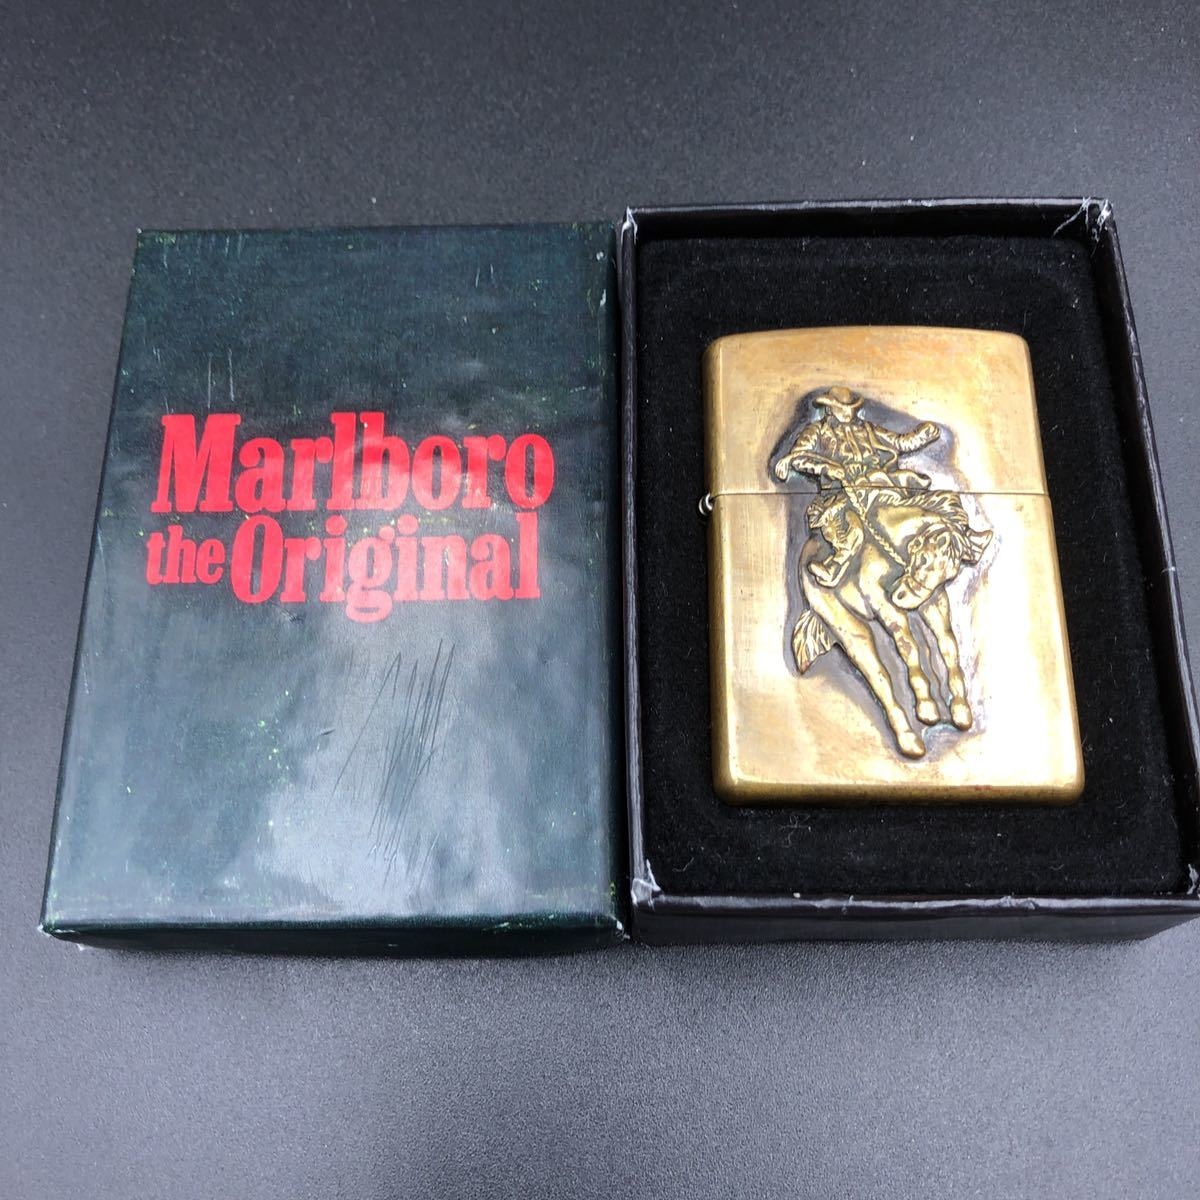 1999年 マルボロ Marlboro 限定品 懸賞品 ロデオ 箱付き ZIPPO ジッポー